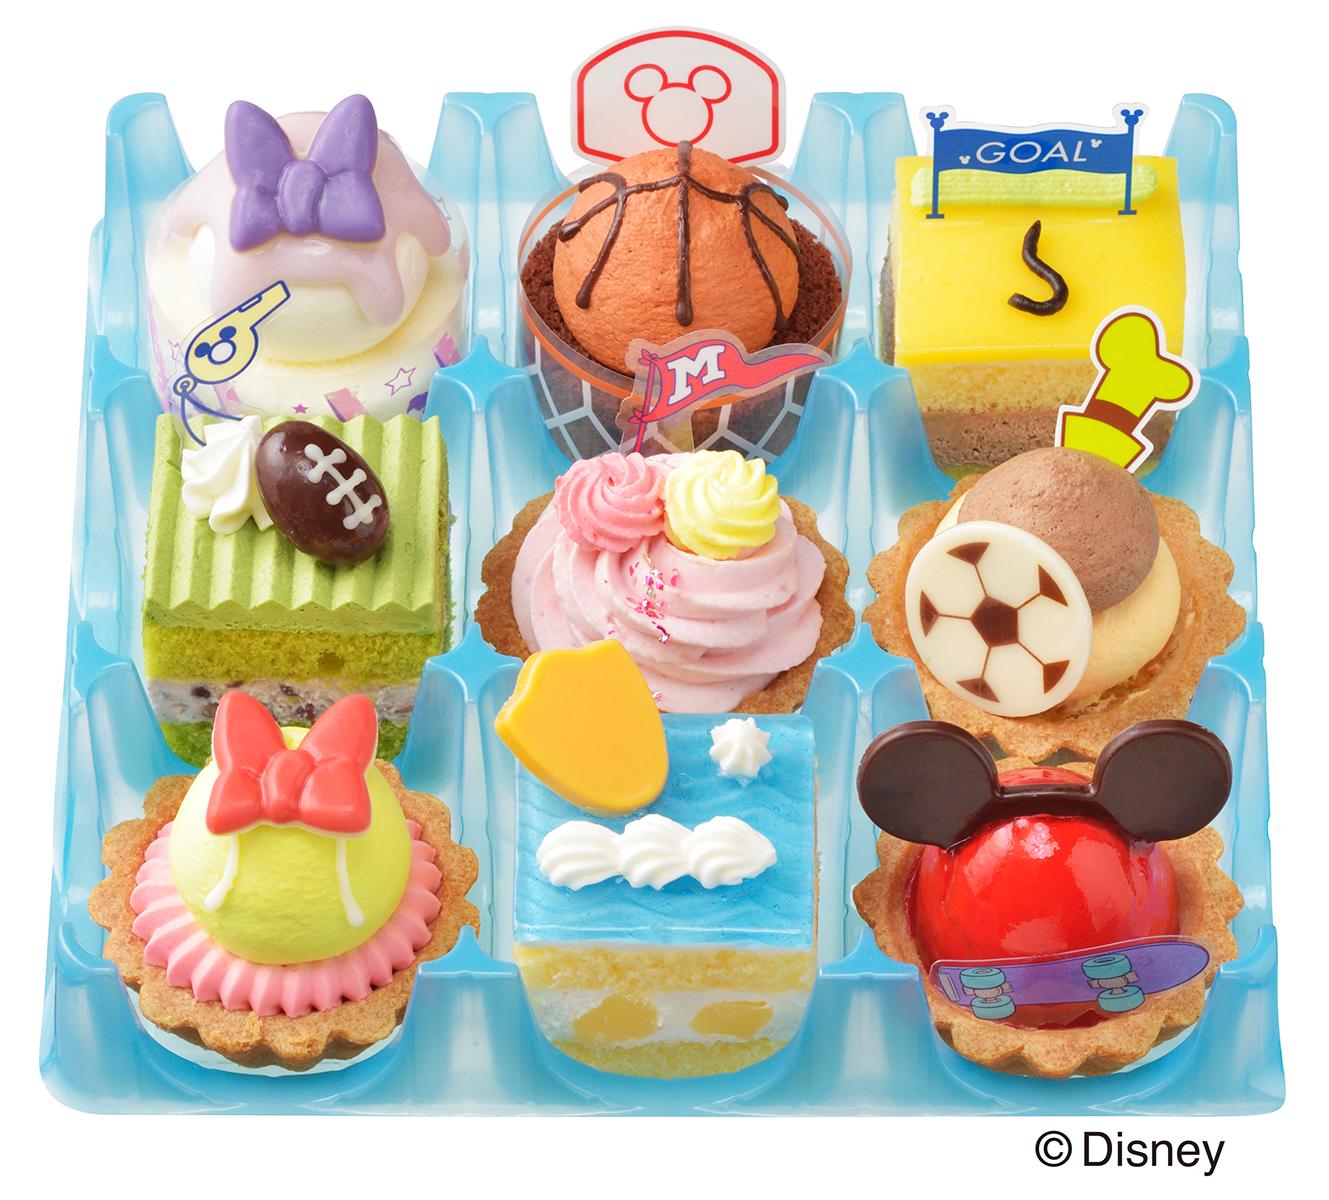 『ディズニー』×「コージーコーナー」かわいいプチケーキ登場!スポーツをモチーフにしたキュートな詰め合わせ